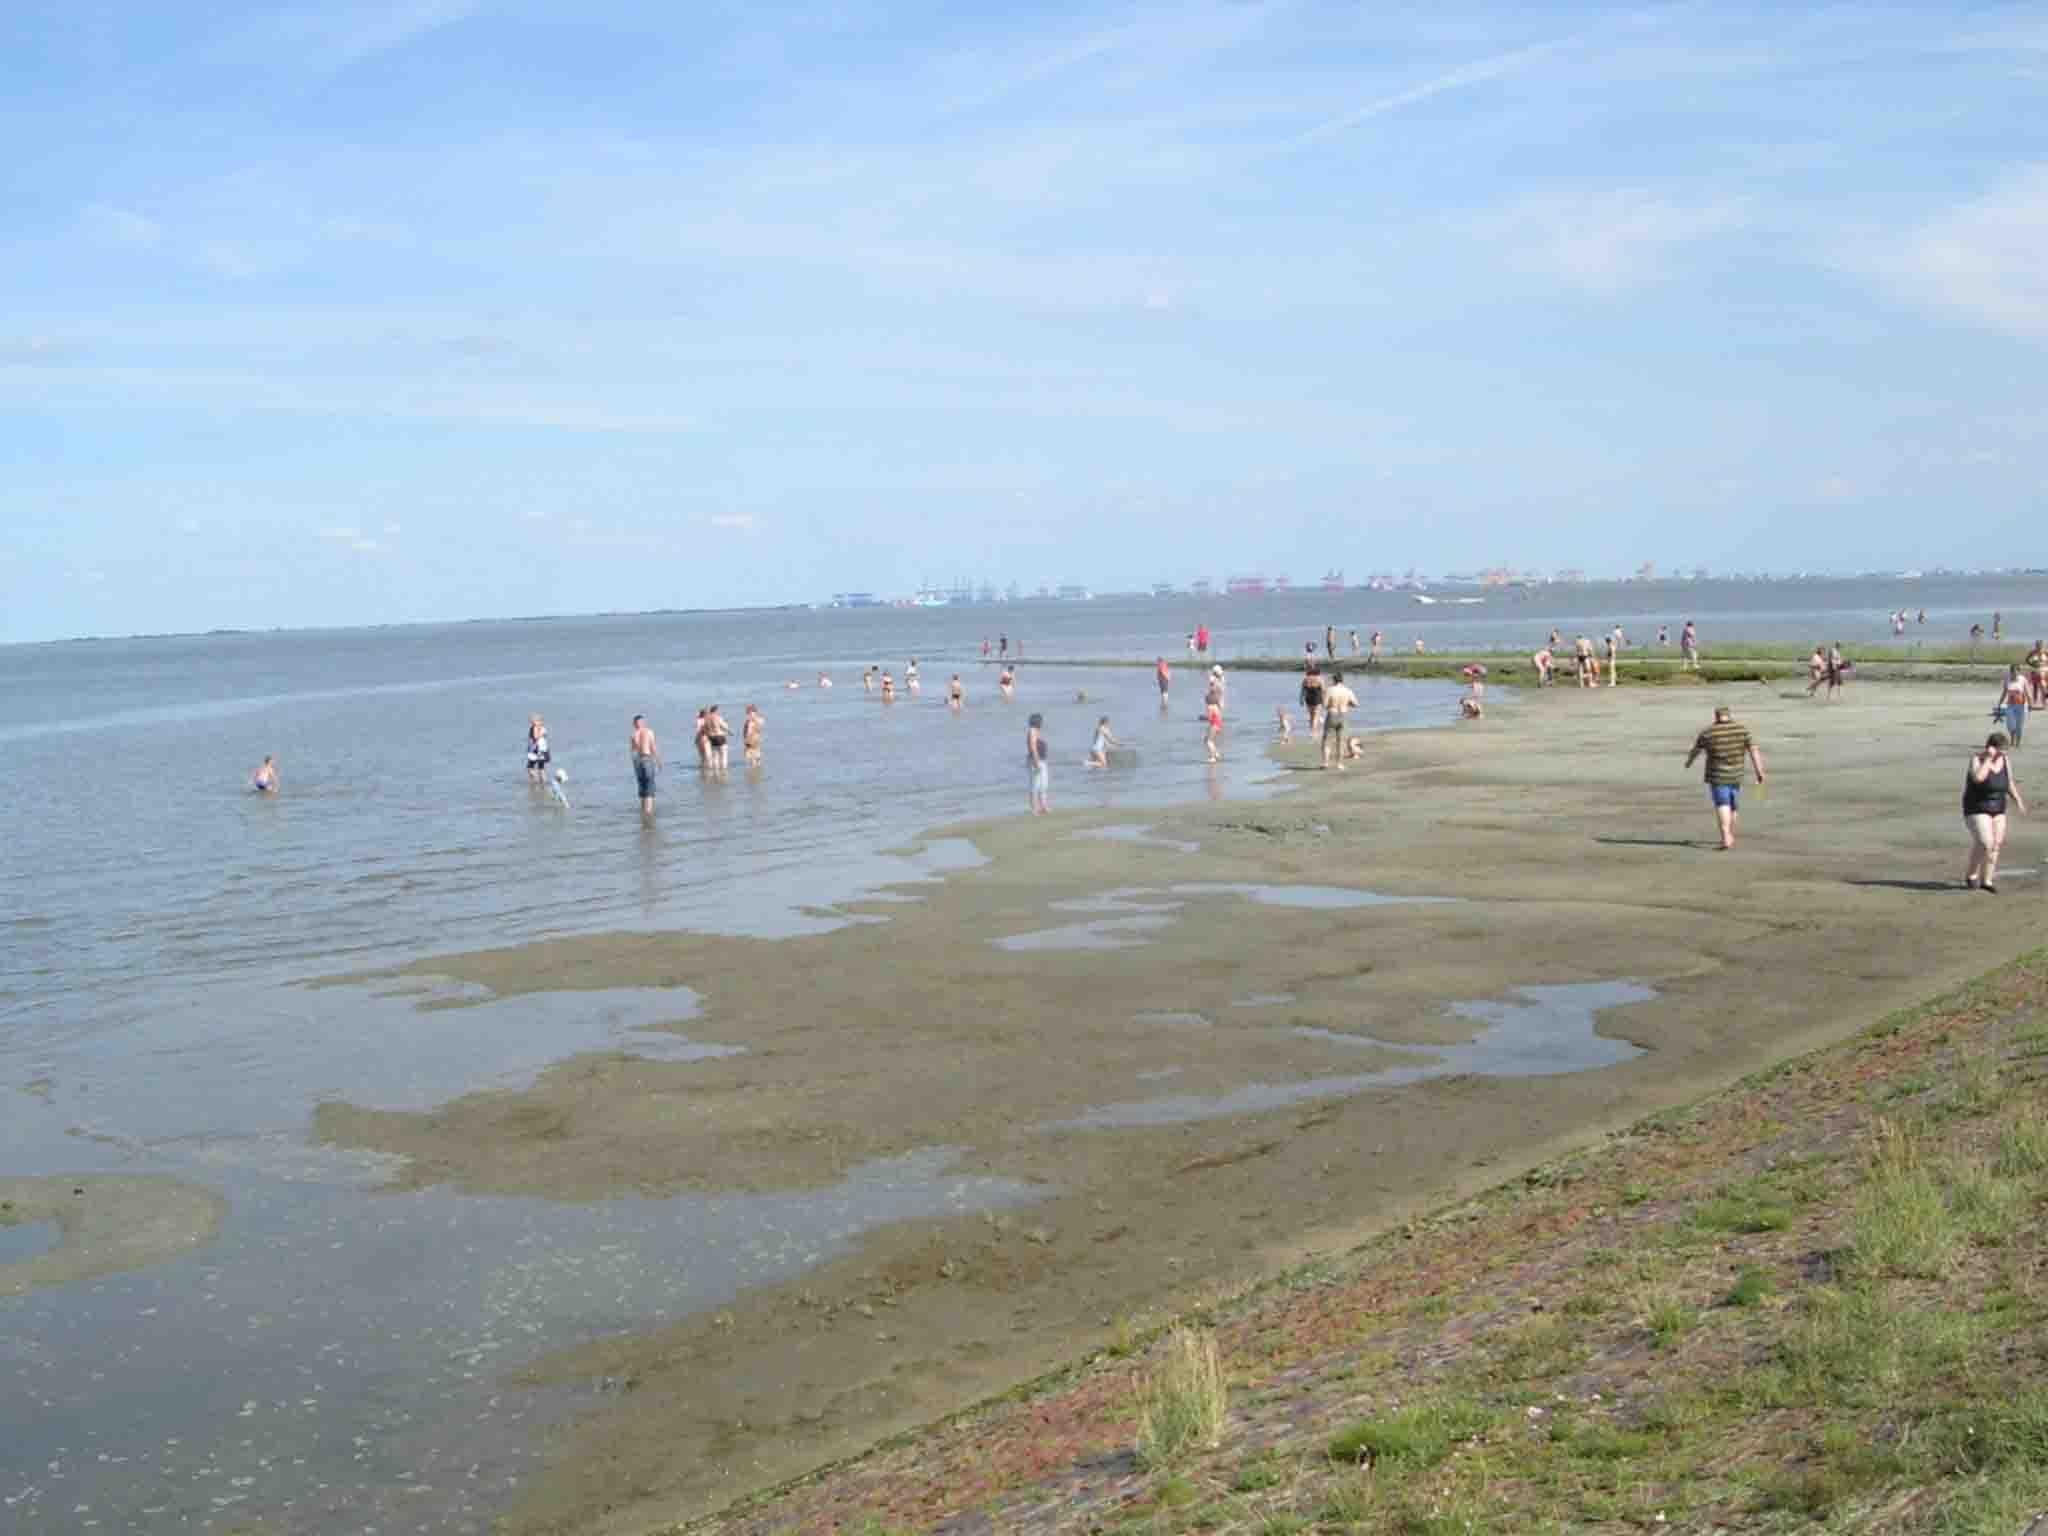 Der Strand zieht bei schönem Wetter viele Leute an. Bei schlechtem Wetter noch die unverwüstlichen...